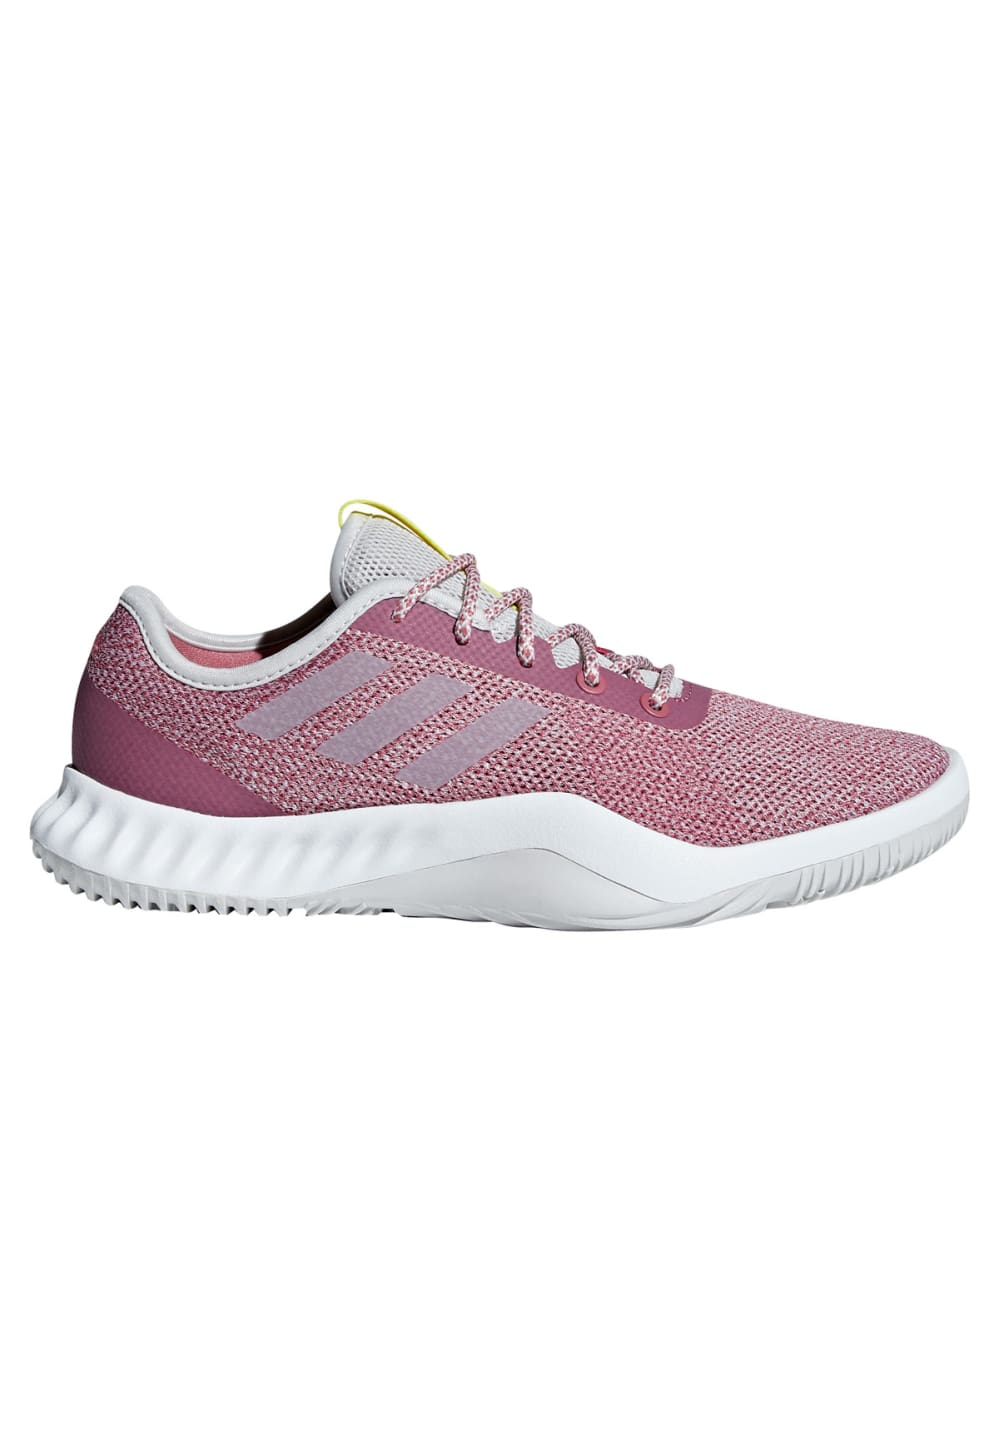 adidas Crazytrain LT - Fitnessschuhe für Damen - Pink